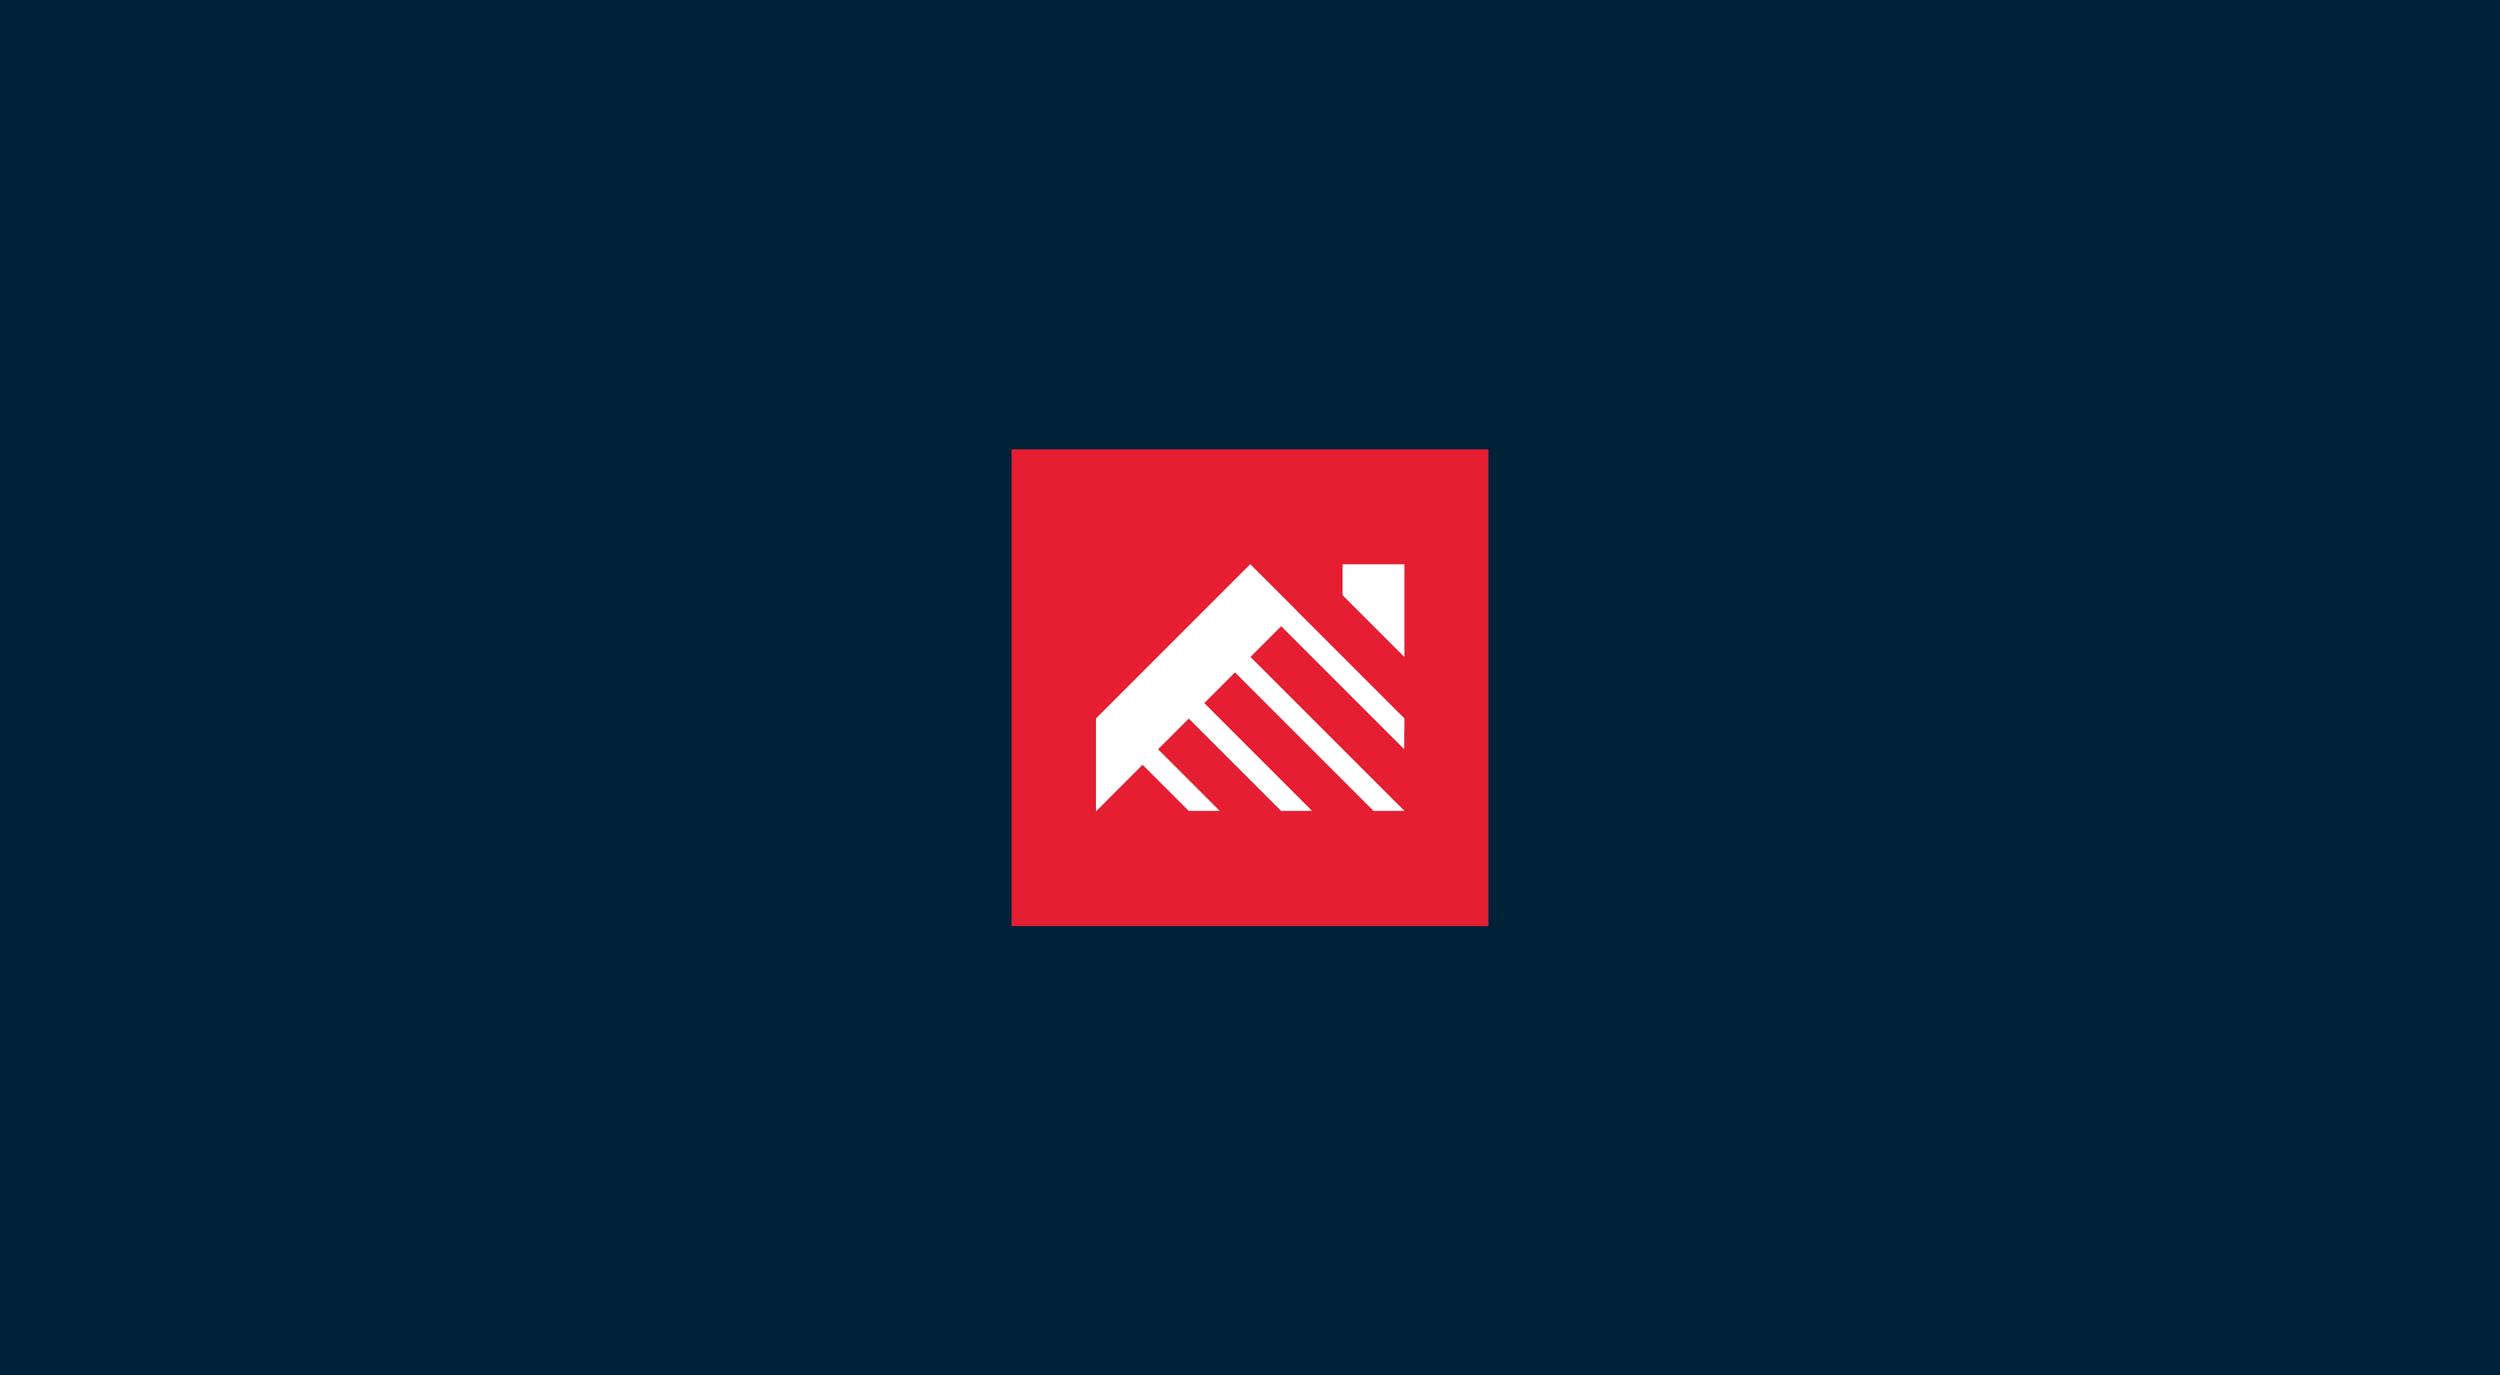 Logo Design Collection 02 - 2018-Freelance-Graphic-Designer-Margate-Kent-09.png